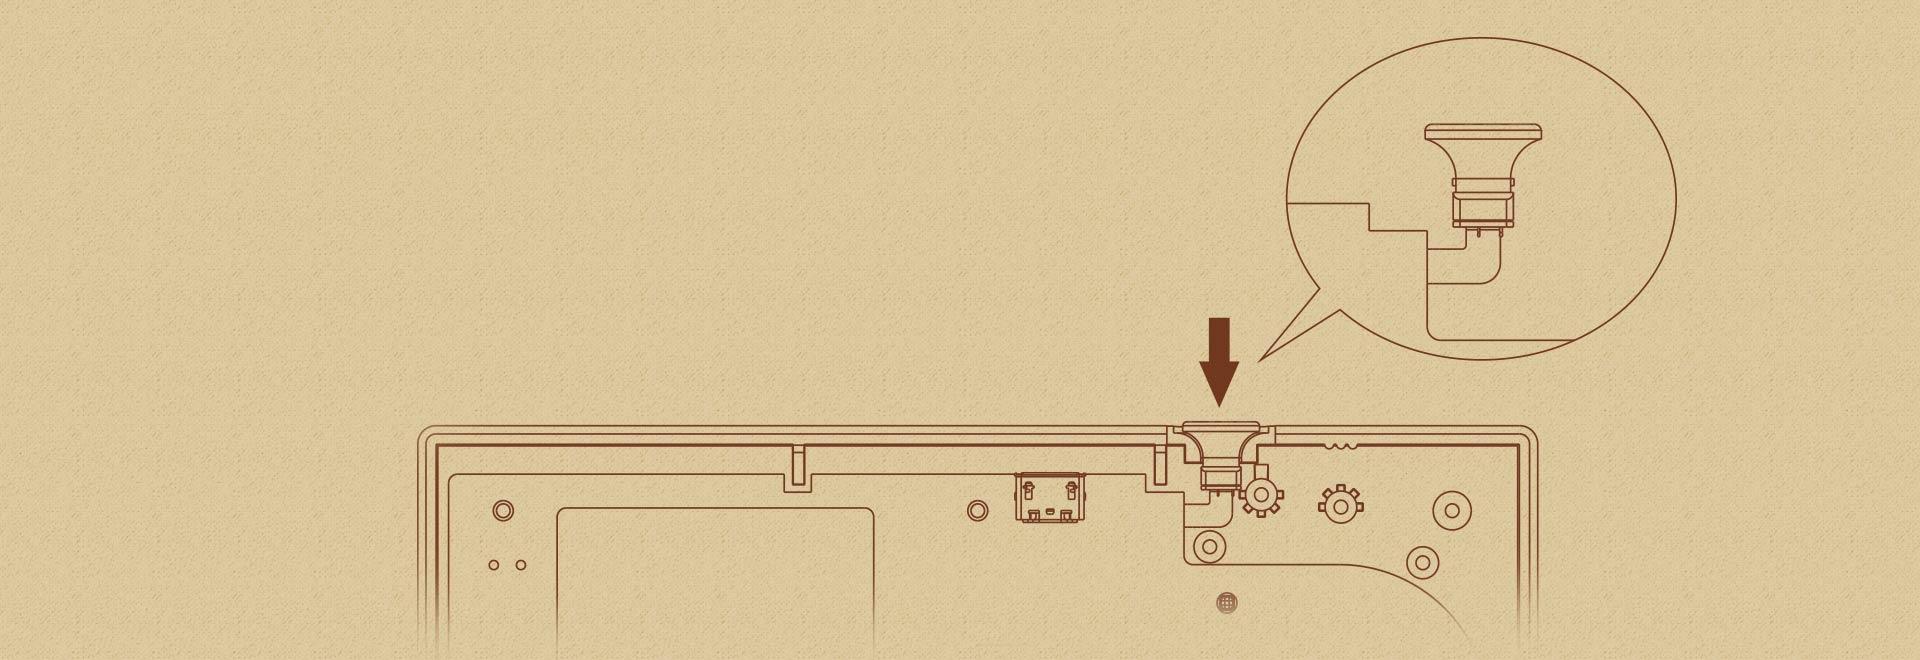 8BitDo Mod Kit for original NES controller | 8BitDo